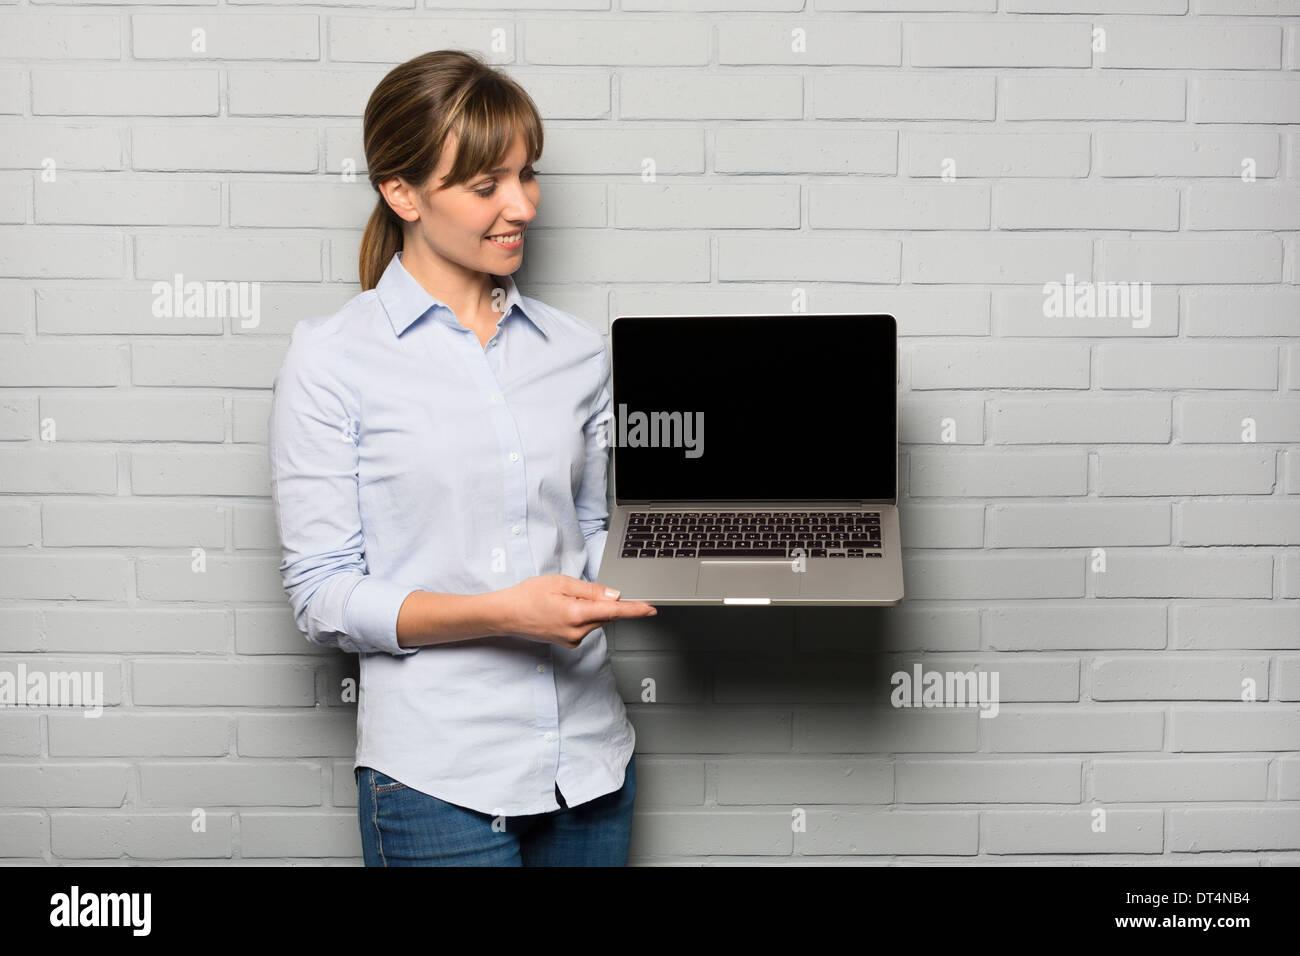 Weibliche ziemlich fröhlich zeigenden Computerstudio Stockfoto